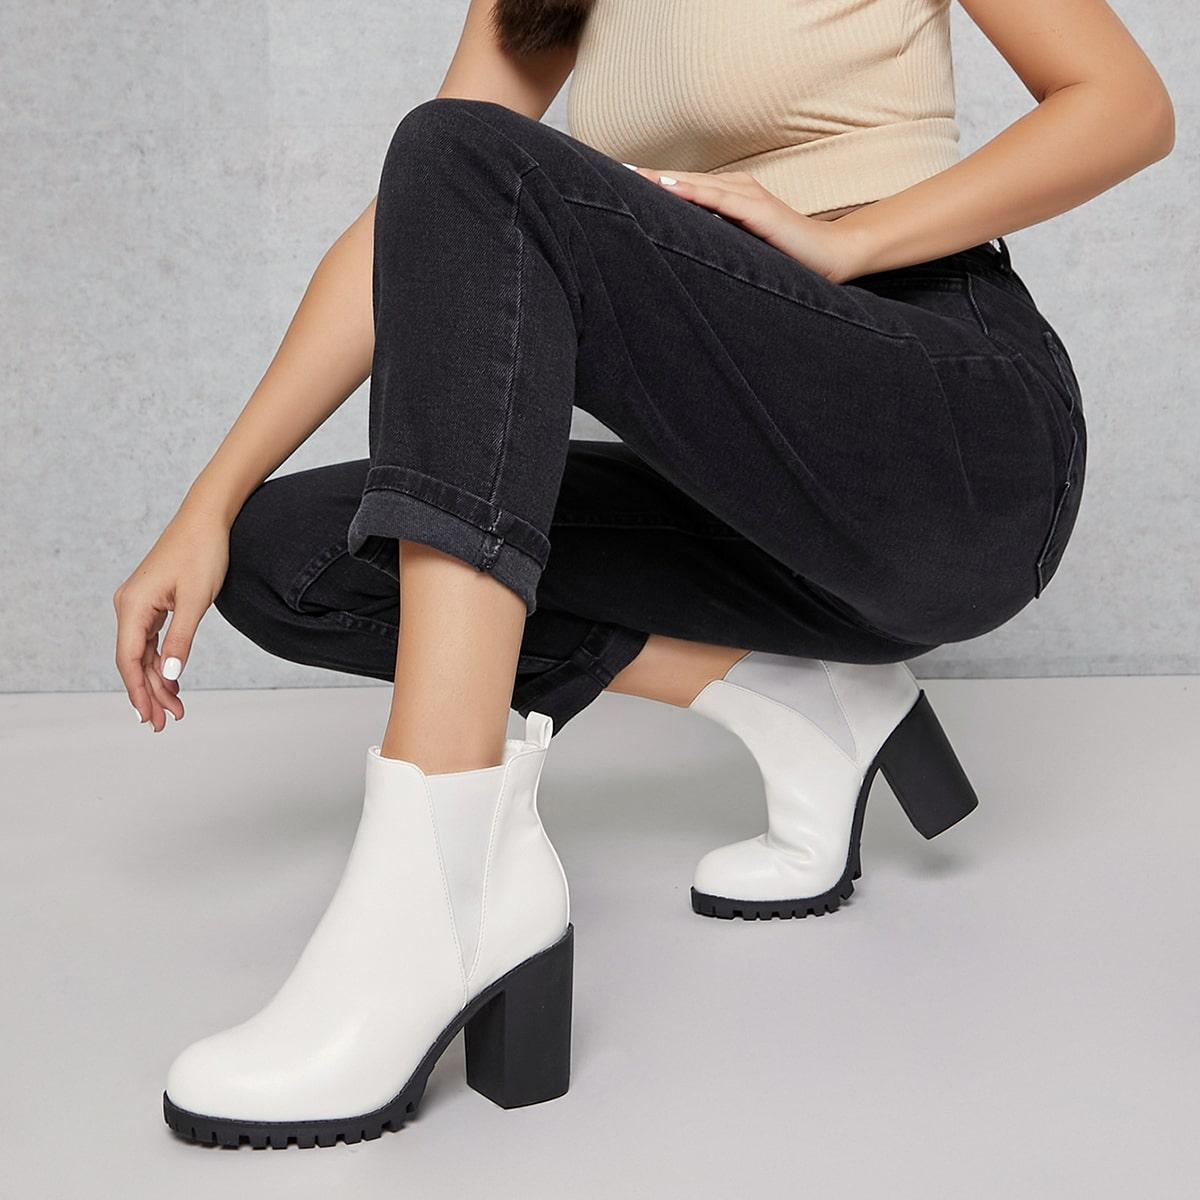 Сапоги челси на высоком каблуке из искусственной кожи